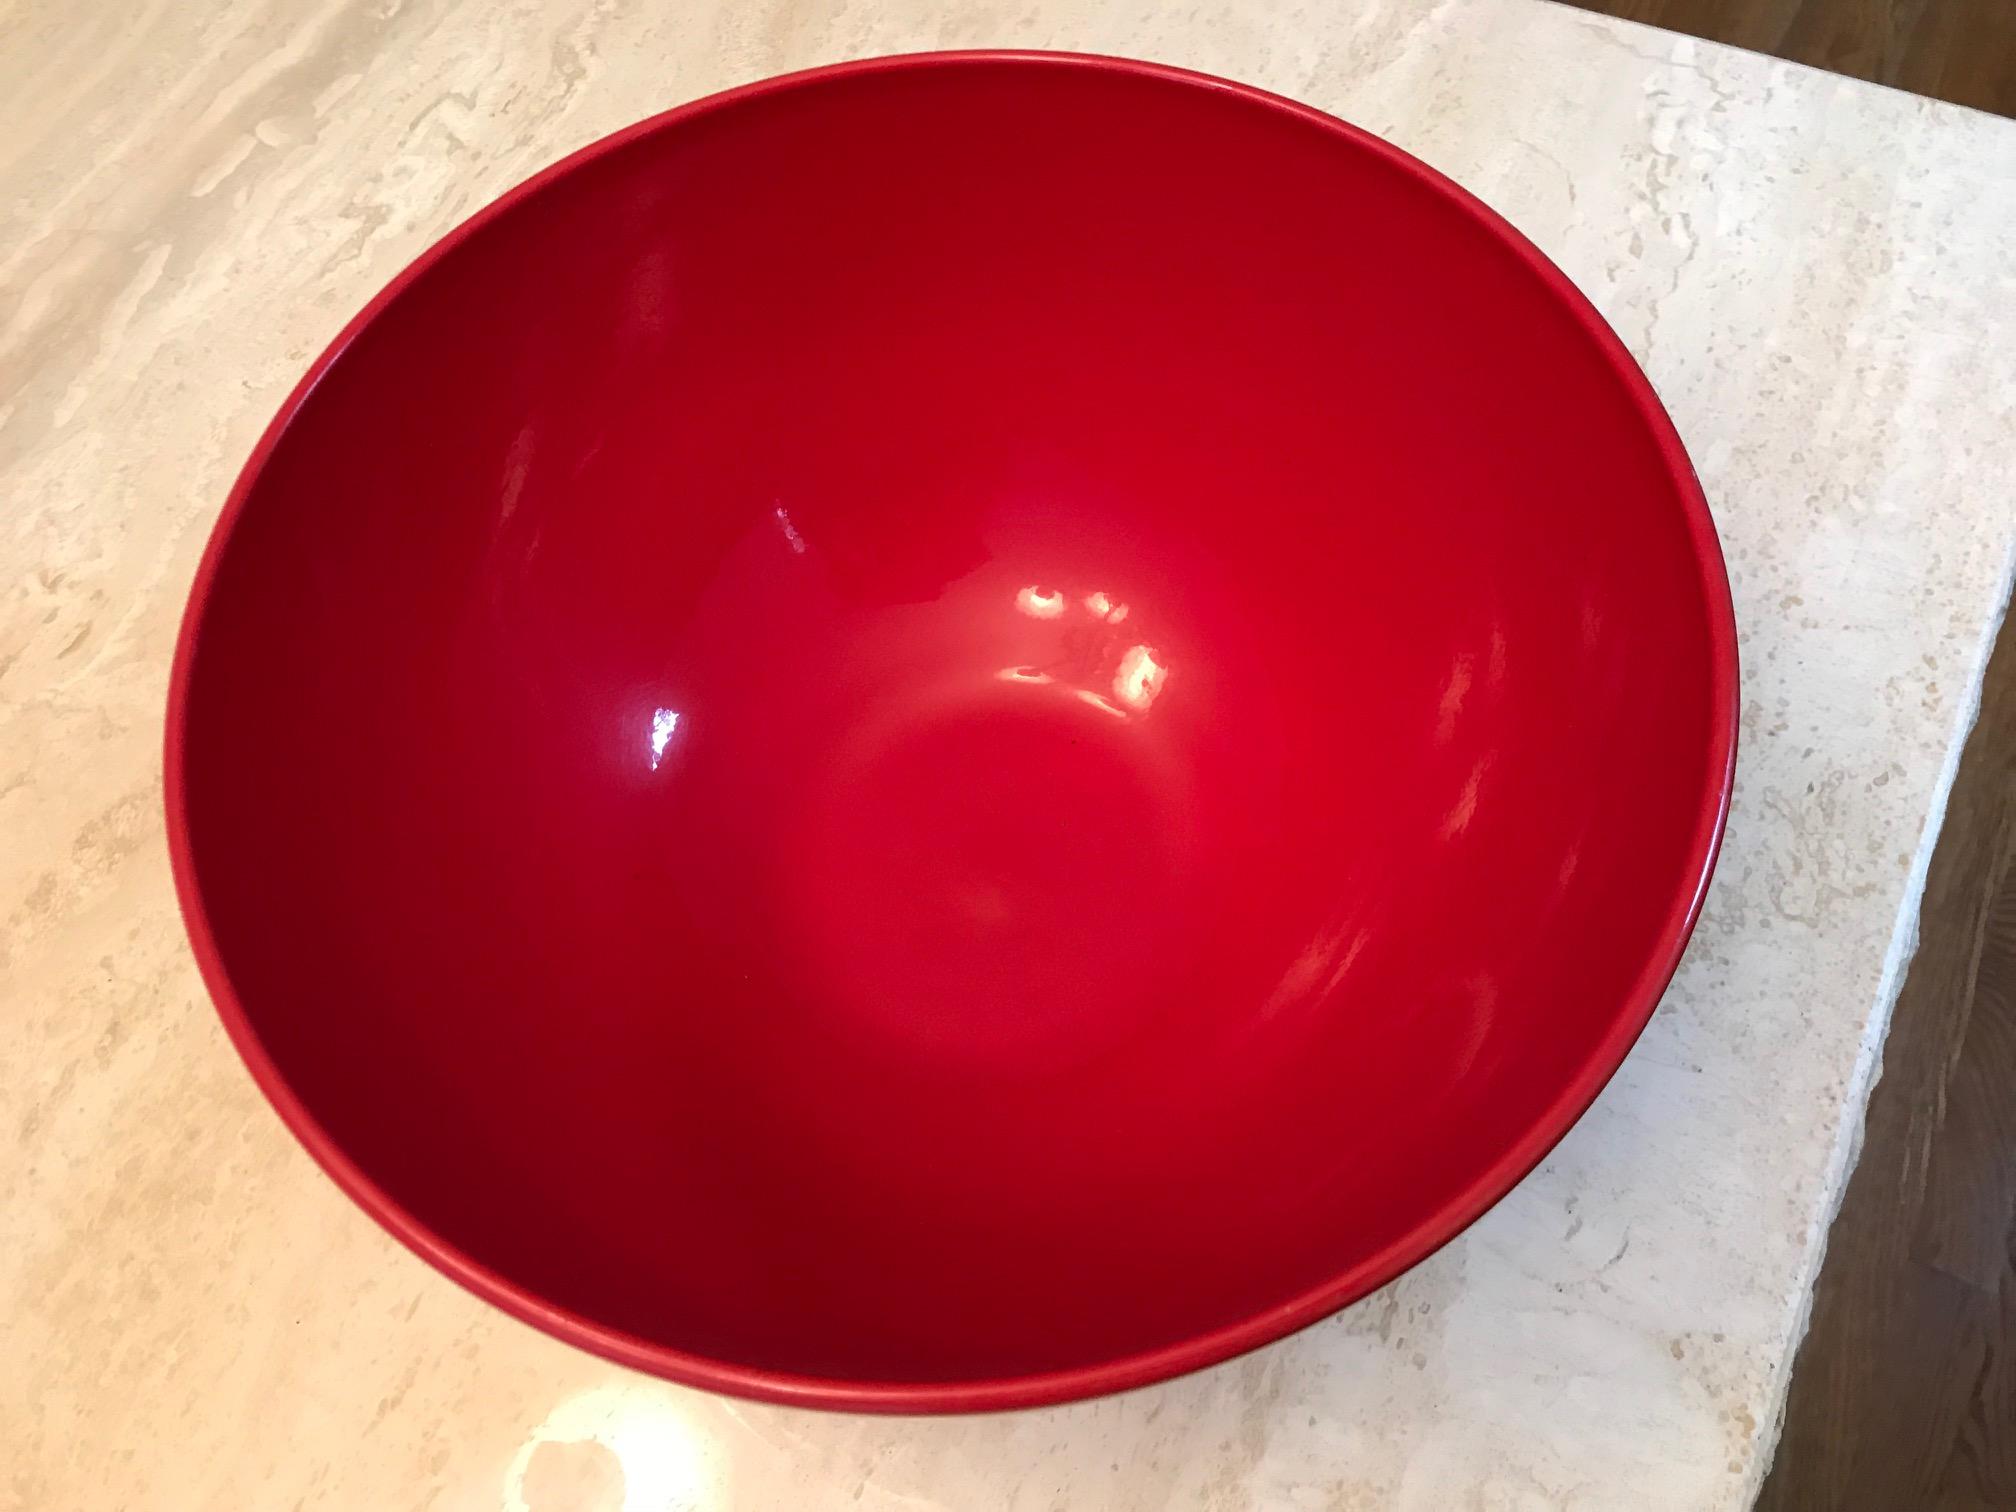 Red Waechtersbach German Bowl, c. 2009